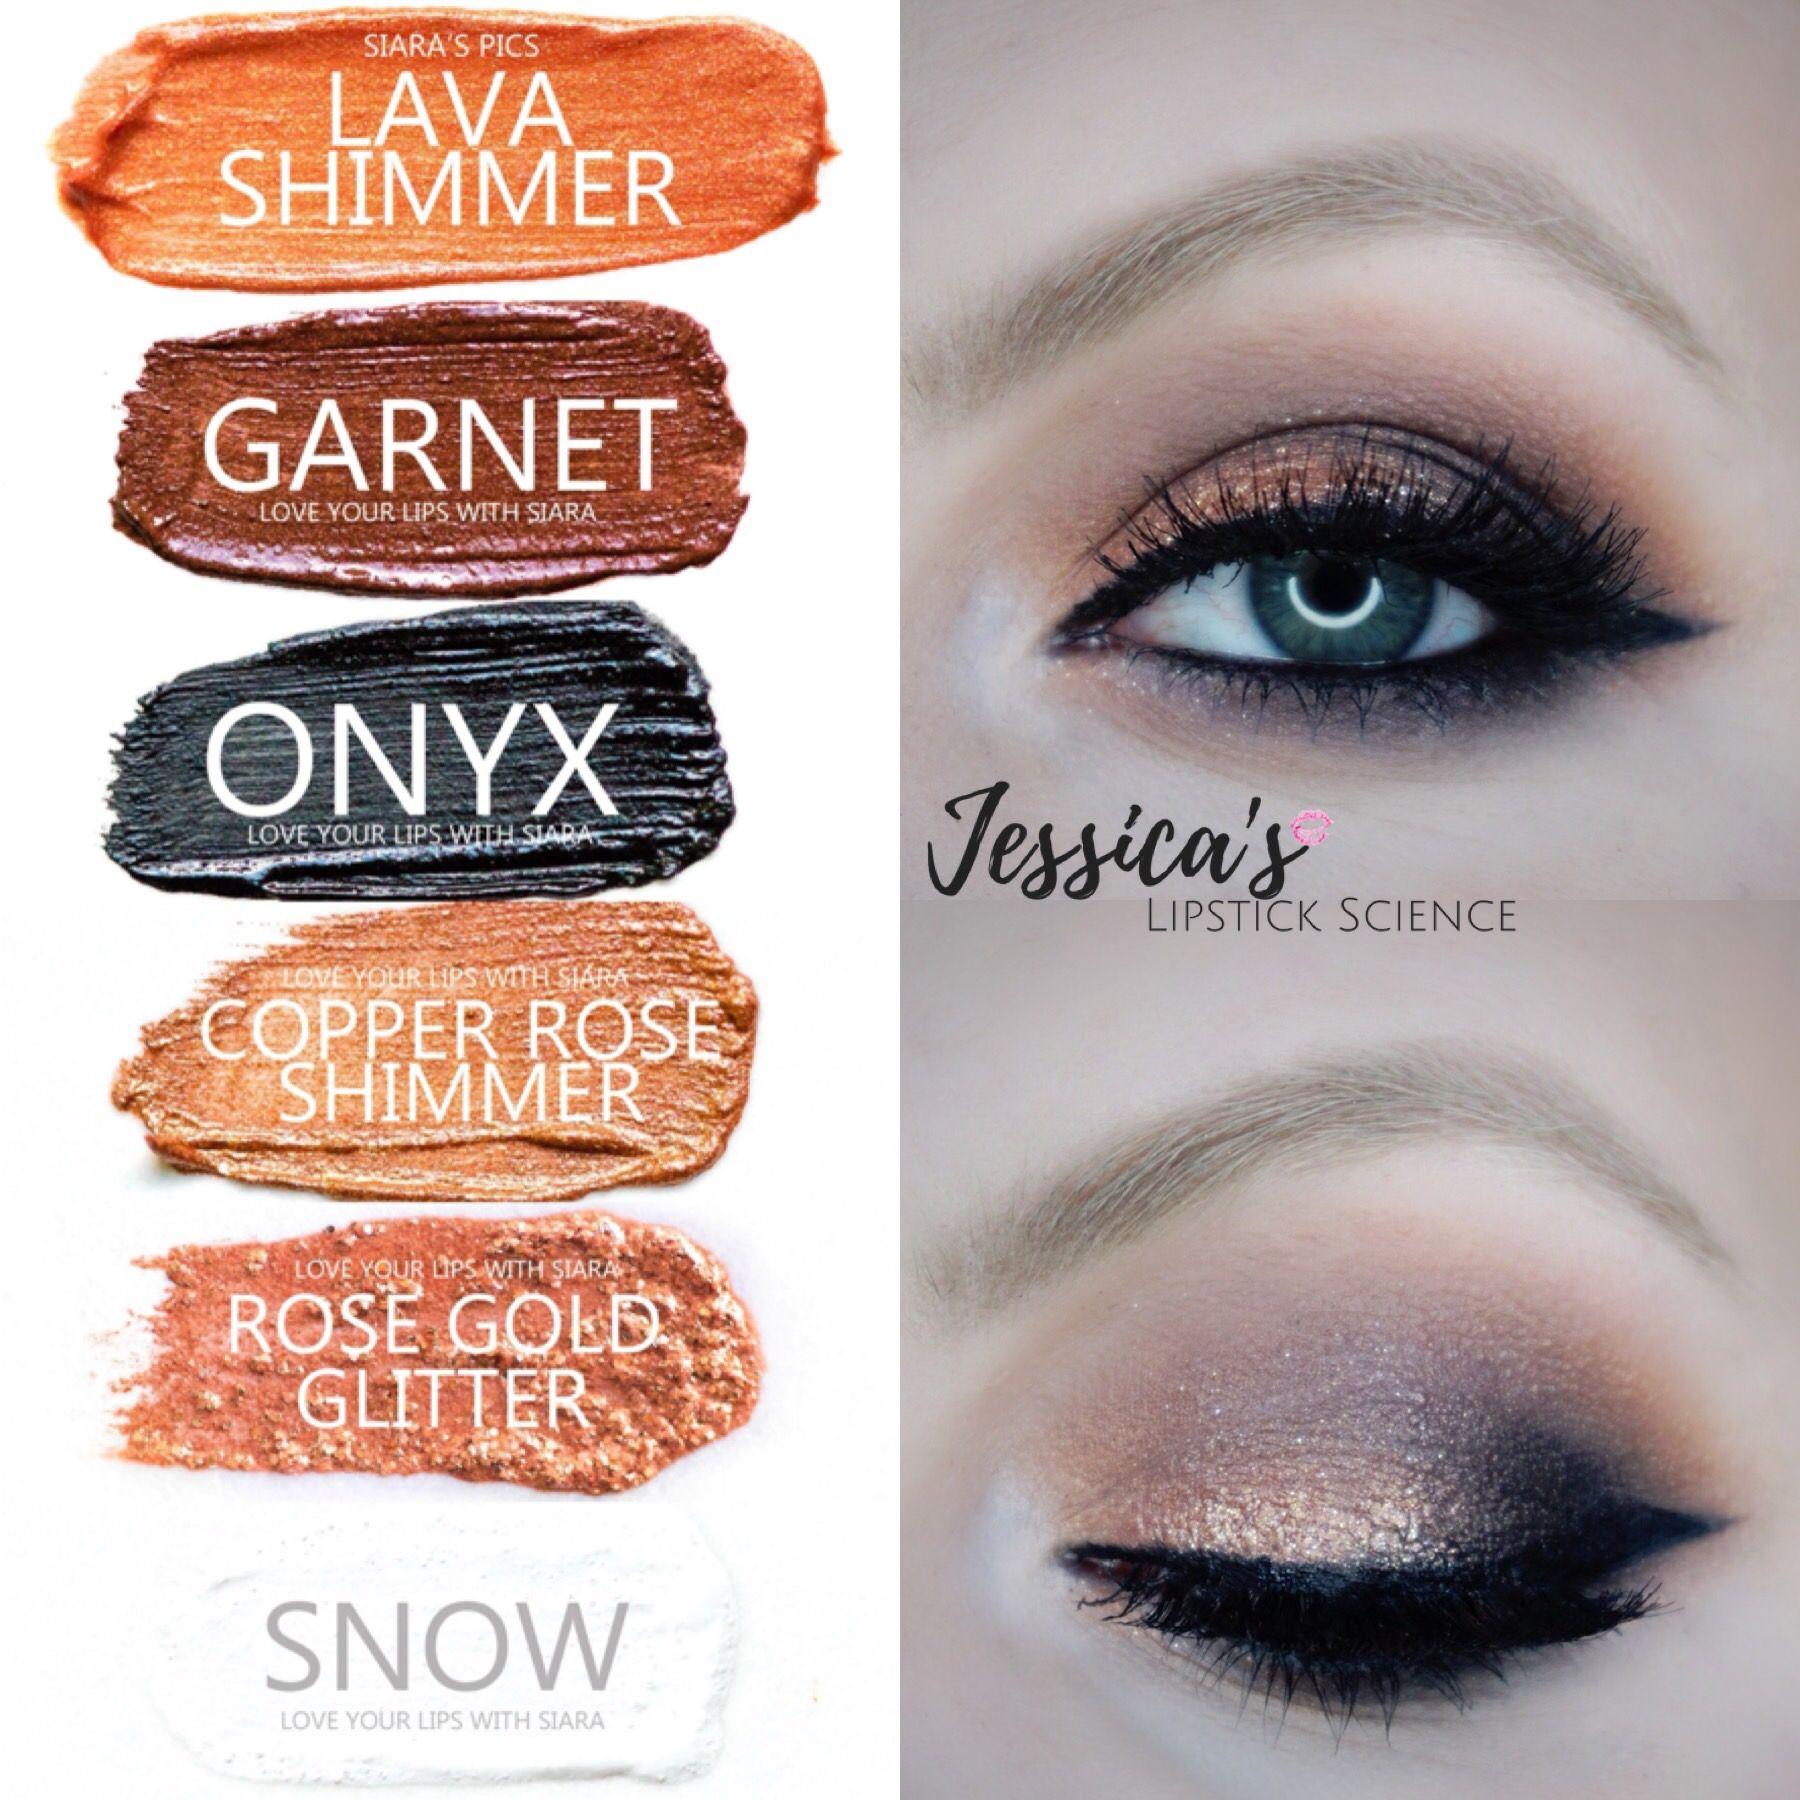 Senegence makeup image by Chelsea White on LipSense Fall